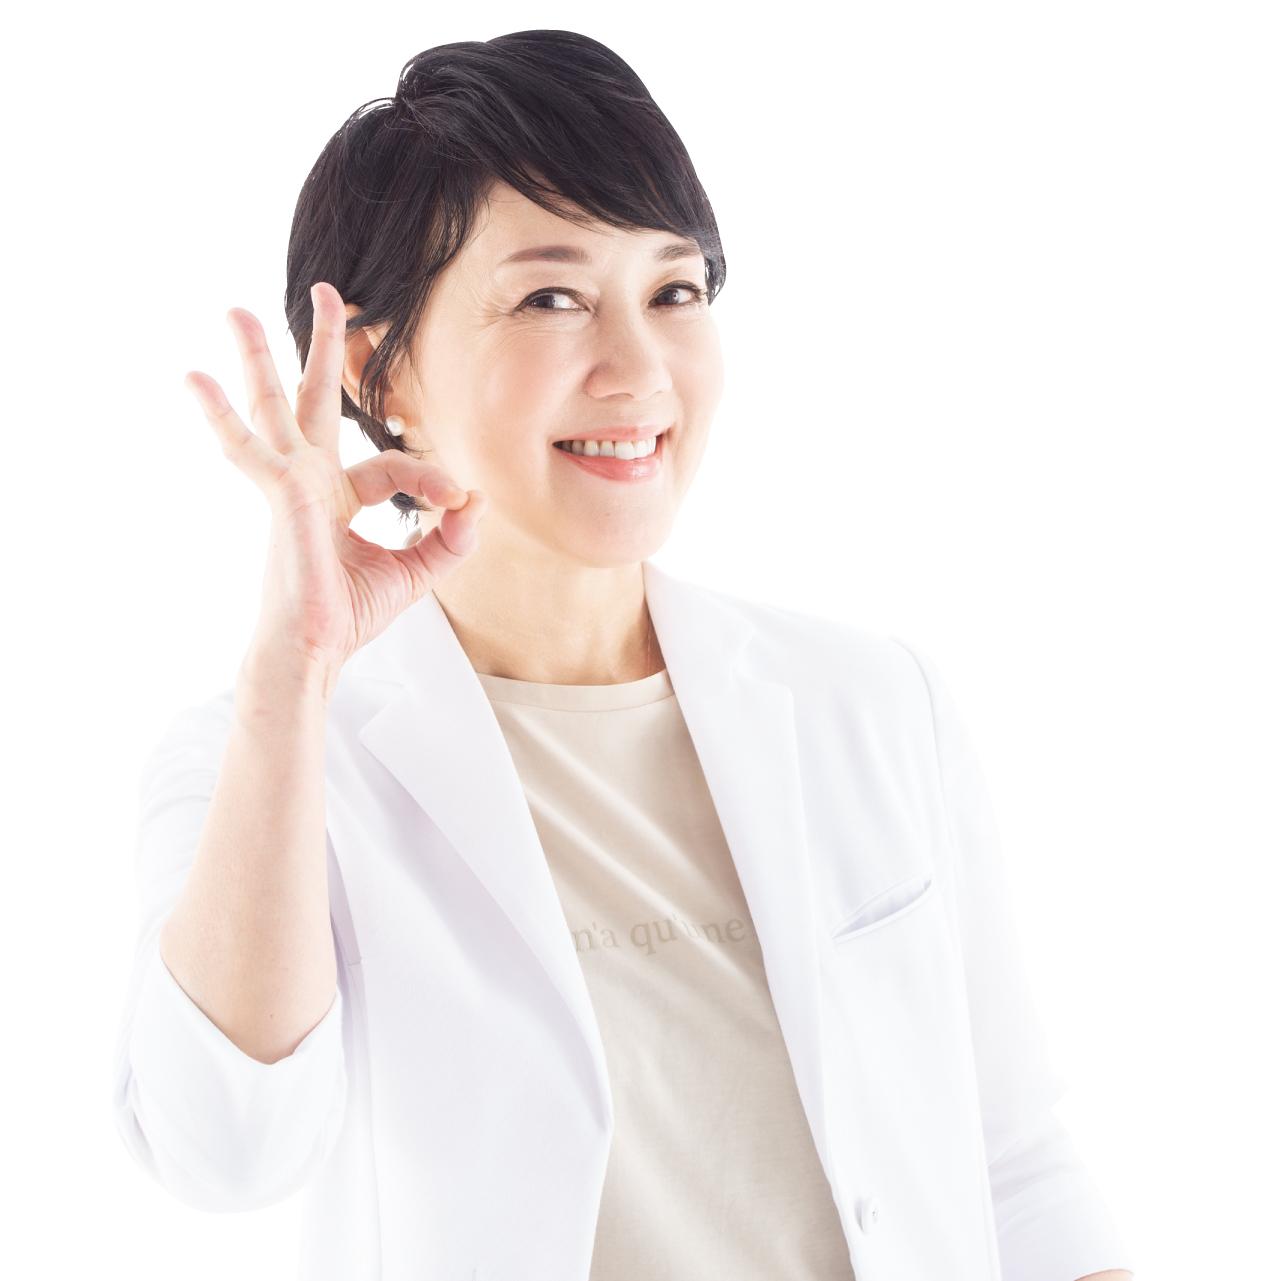 石井さとこさん 「ホワイトホワイト」院長。歯のホワイトニングを日本で広めた第一人者。